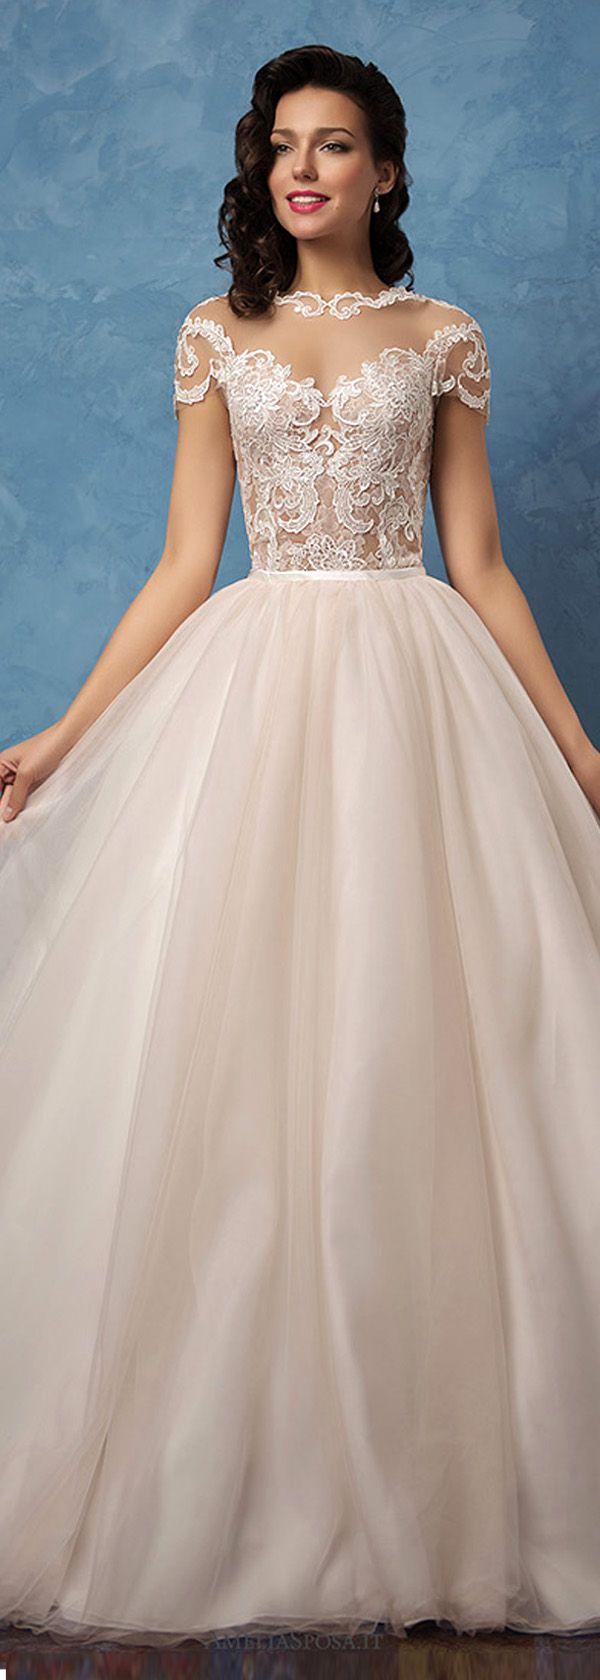 Stunning tulle u satin bateau neckline seethrough in wedding